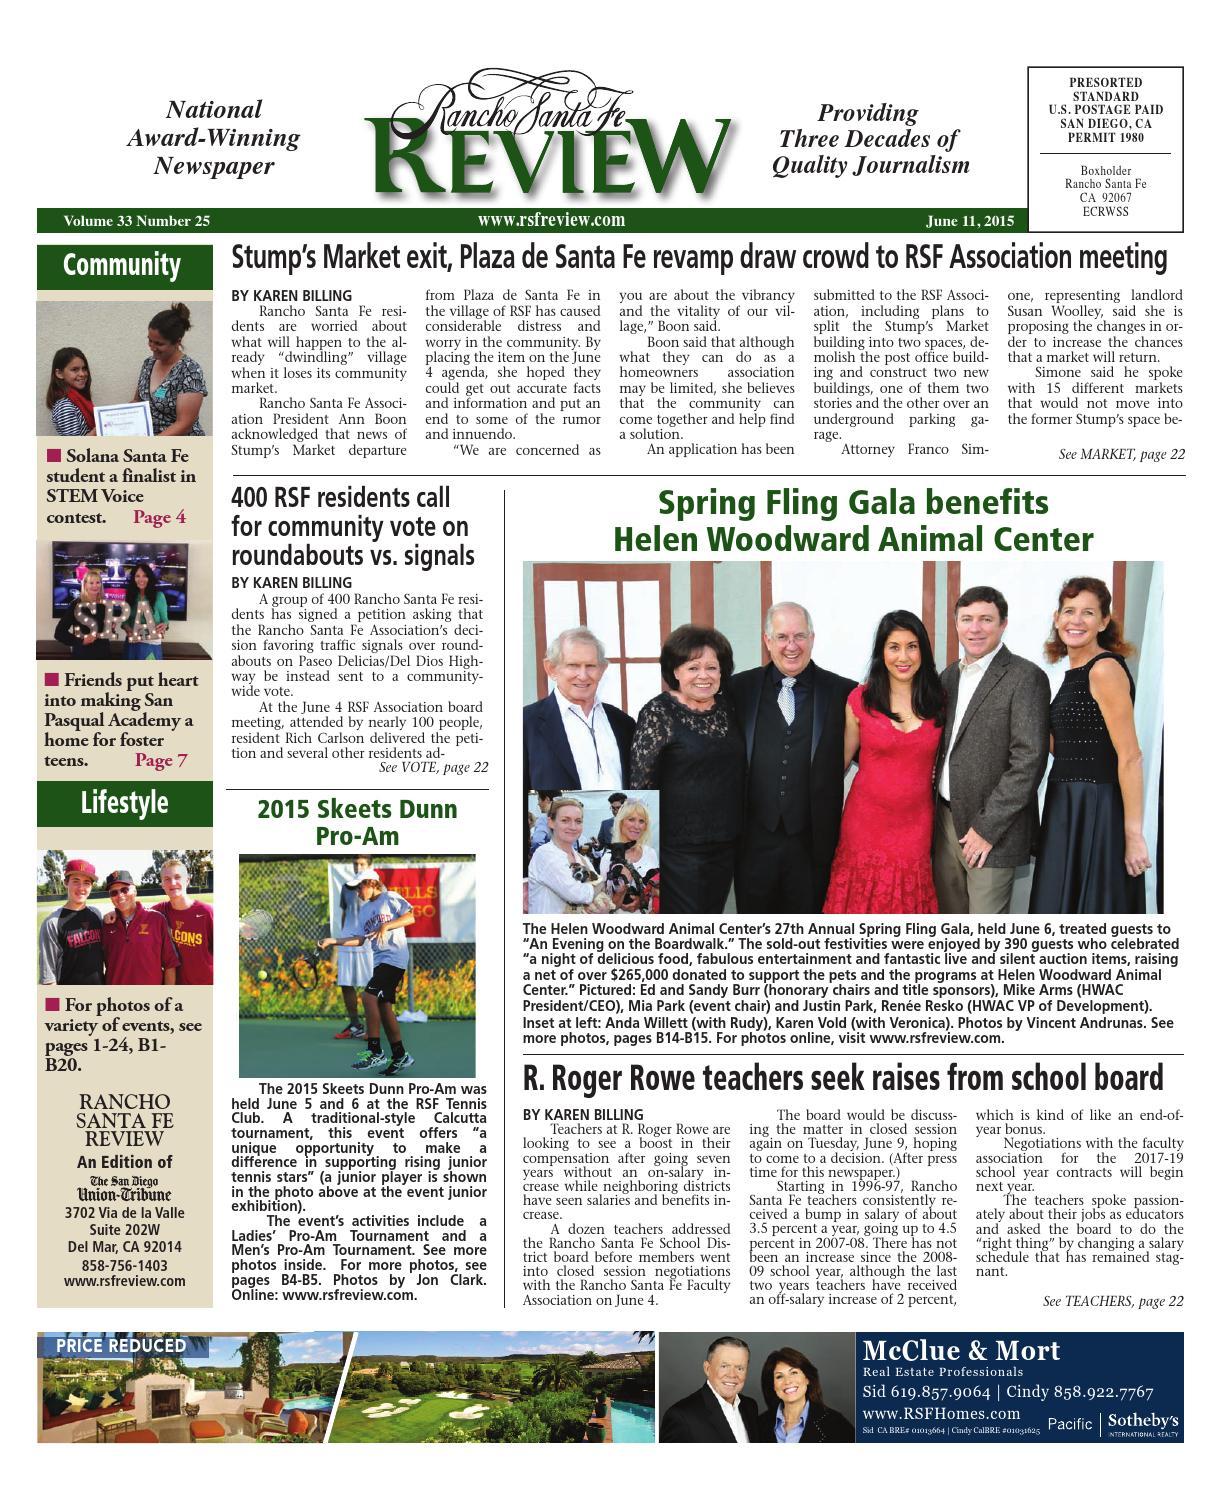 Rancho santa fe review 6 11 15 by MainStreet Media - issuu